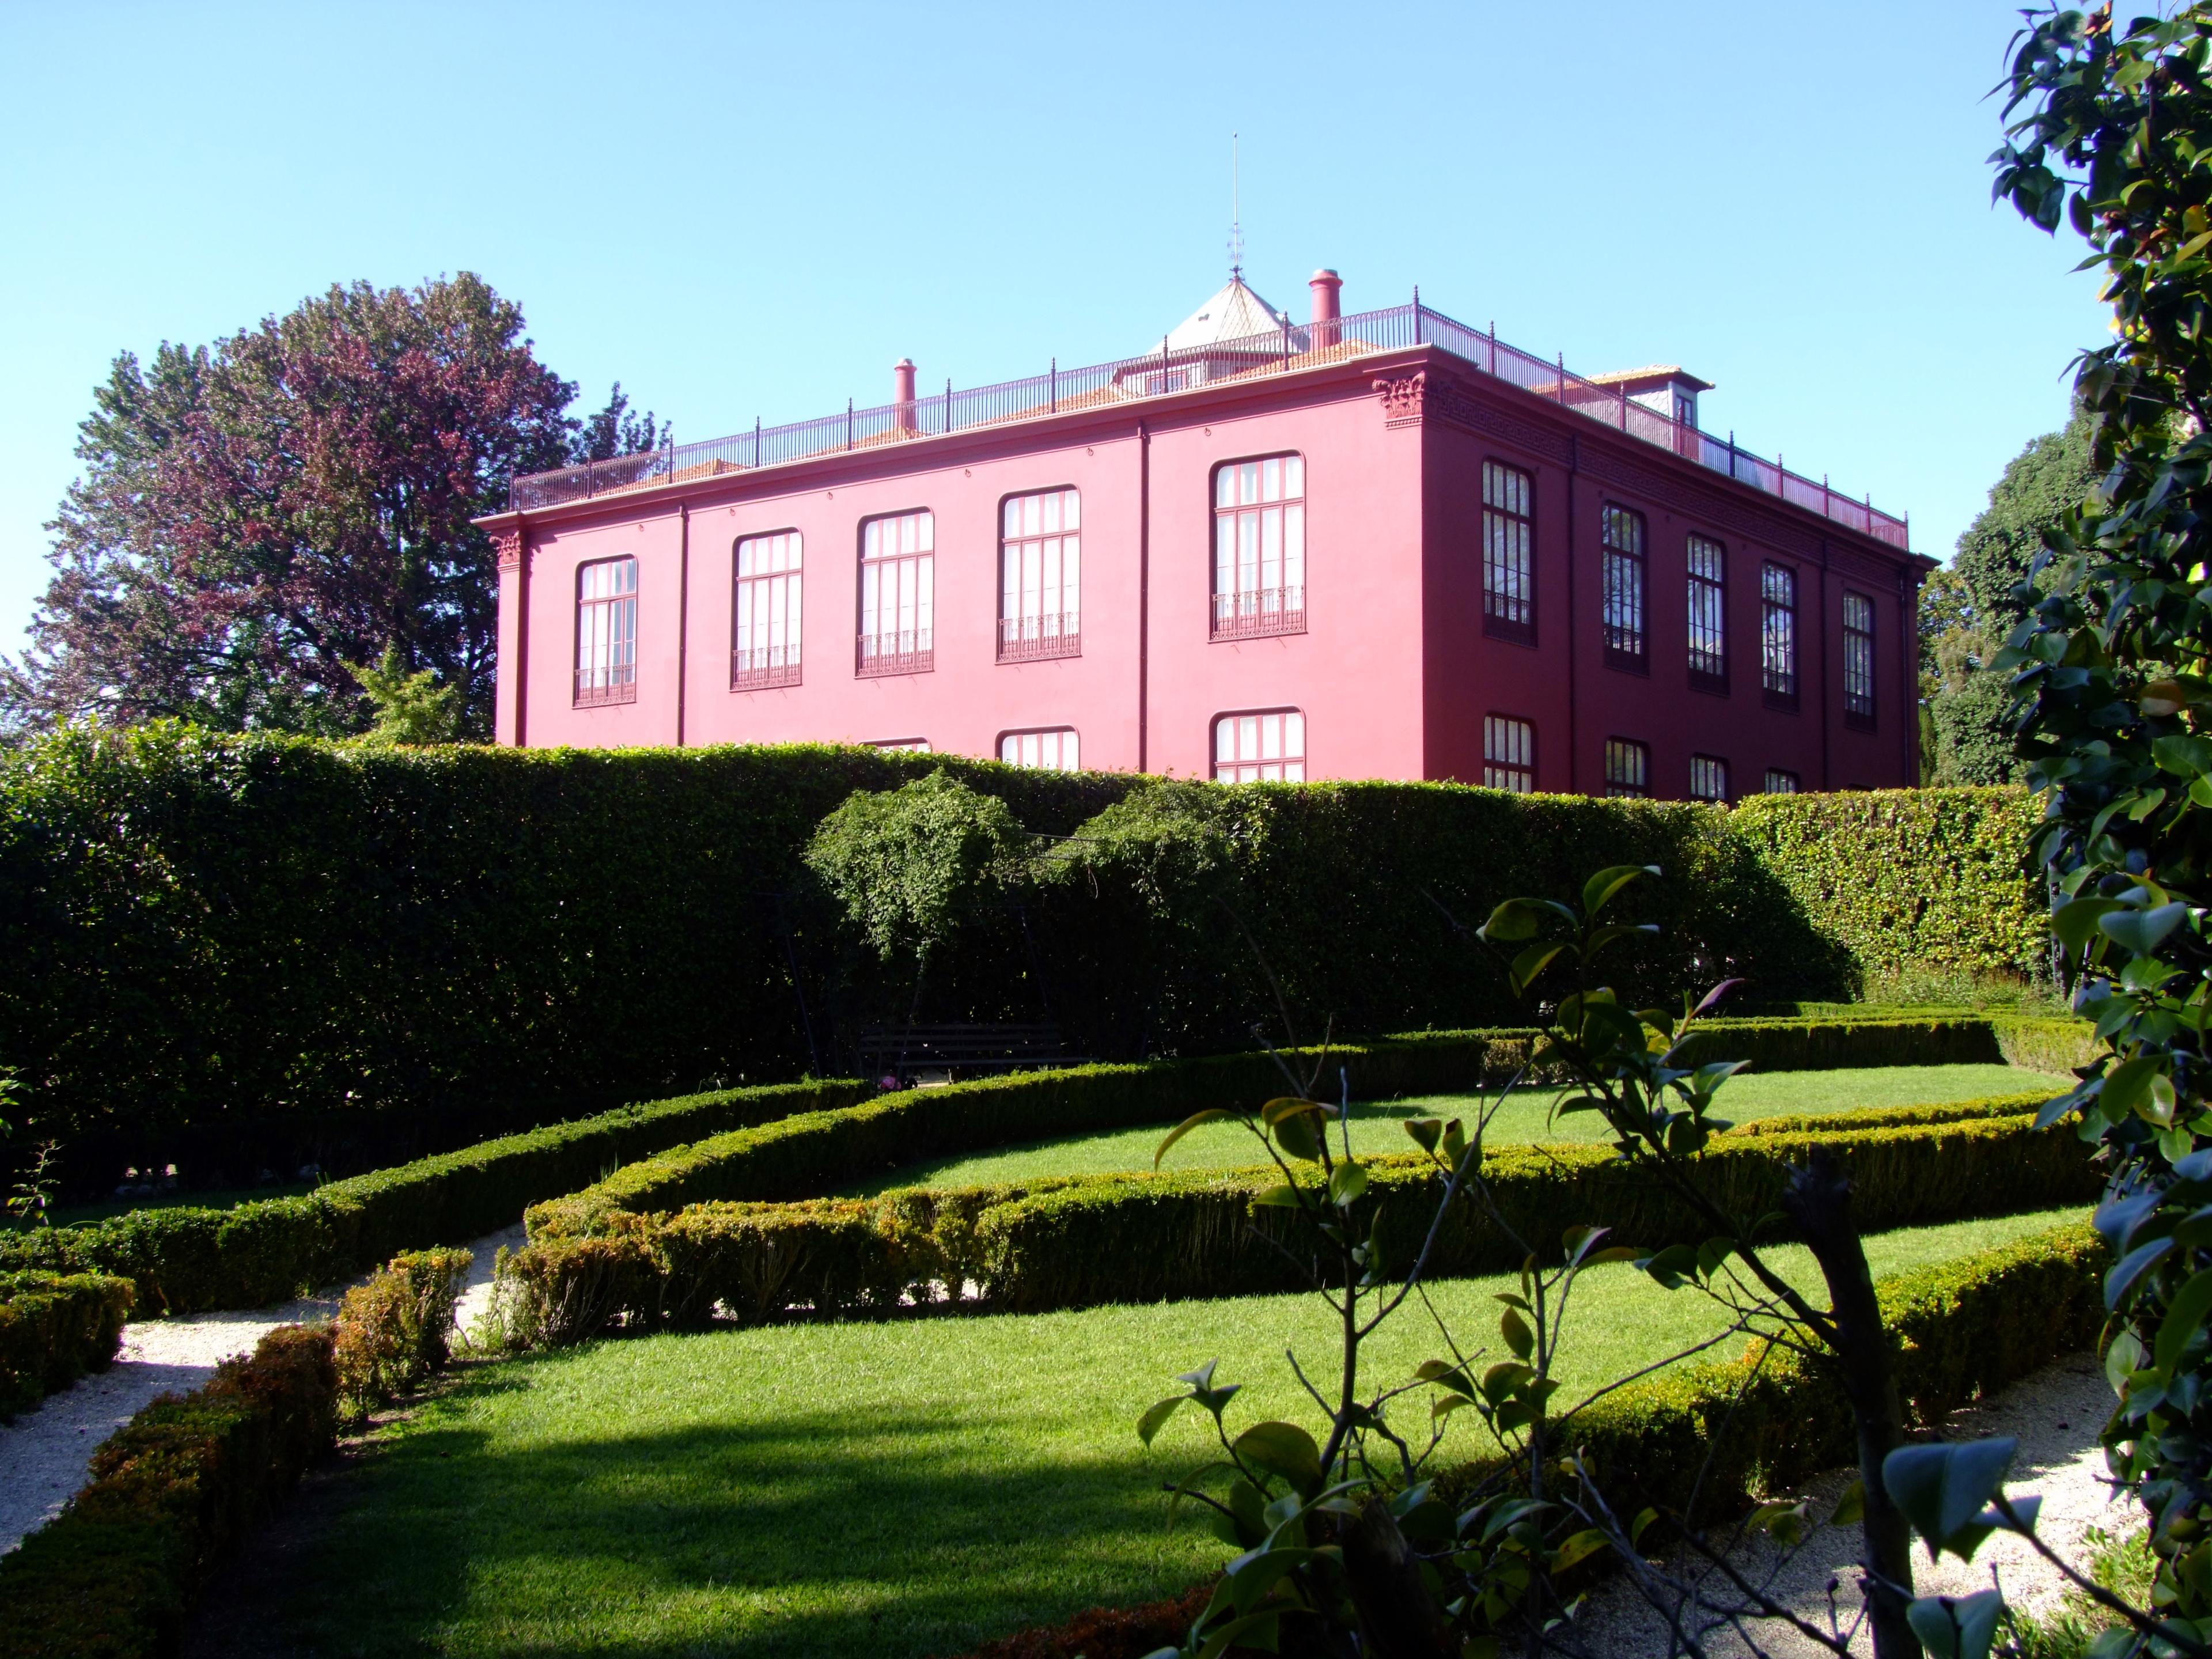 fotos jardim botanico porto alegre : fotos jardim botanico porto alegre:Jardim Botanico Porto